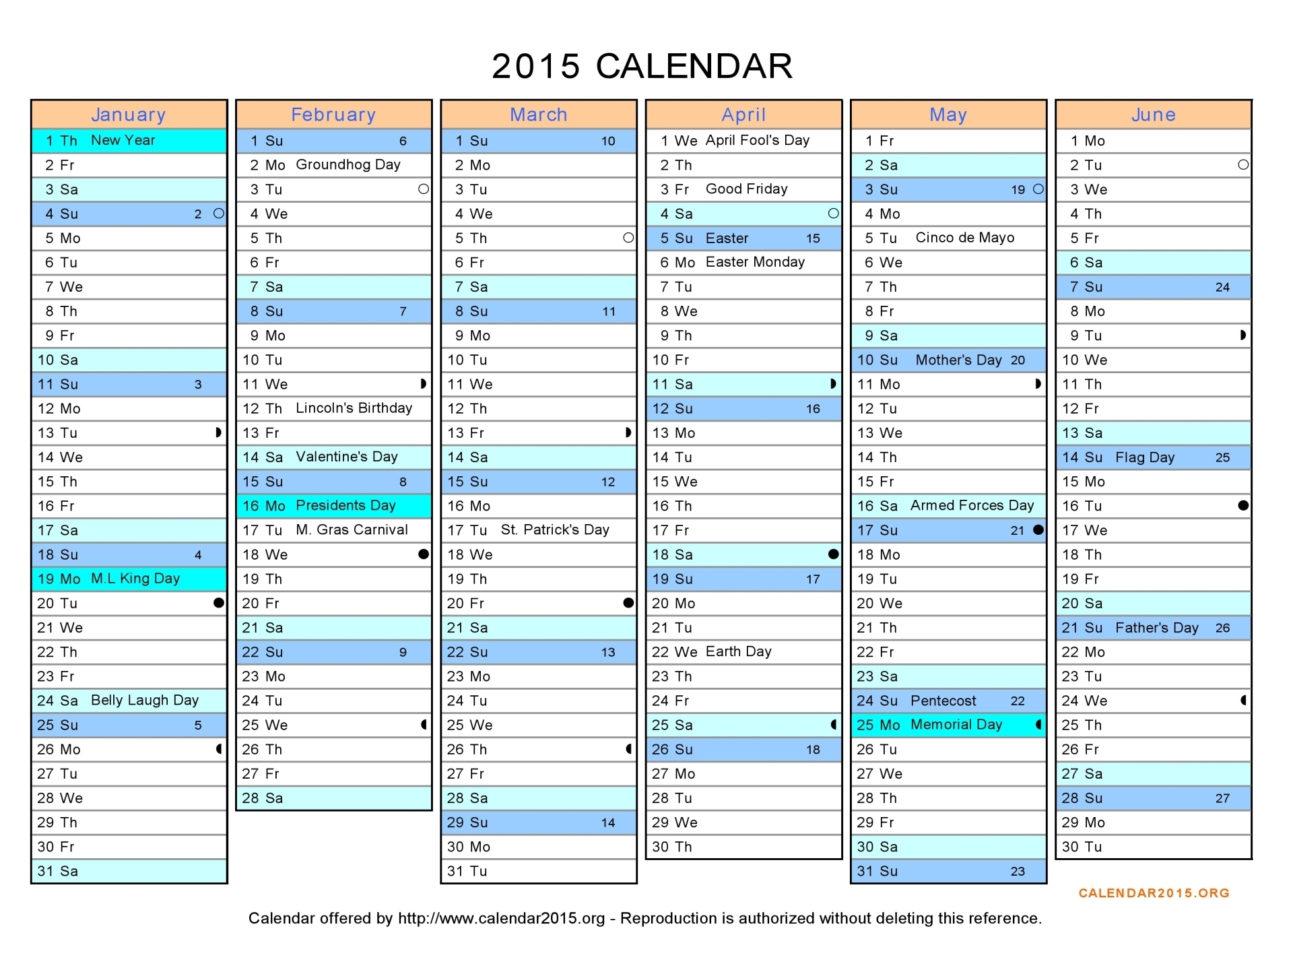 Excel Spreadsheet Templates Calendar Within Downloadable Calendar 2015 Excel  Kasare.annafora.co